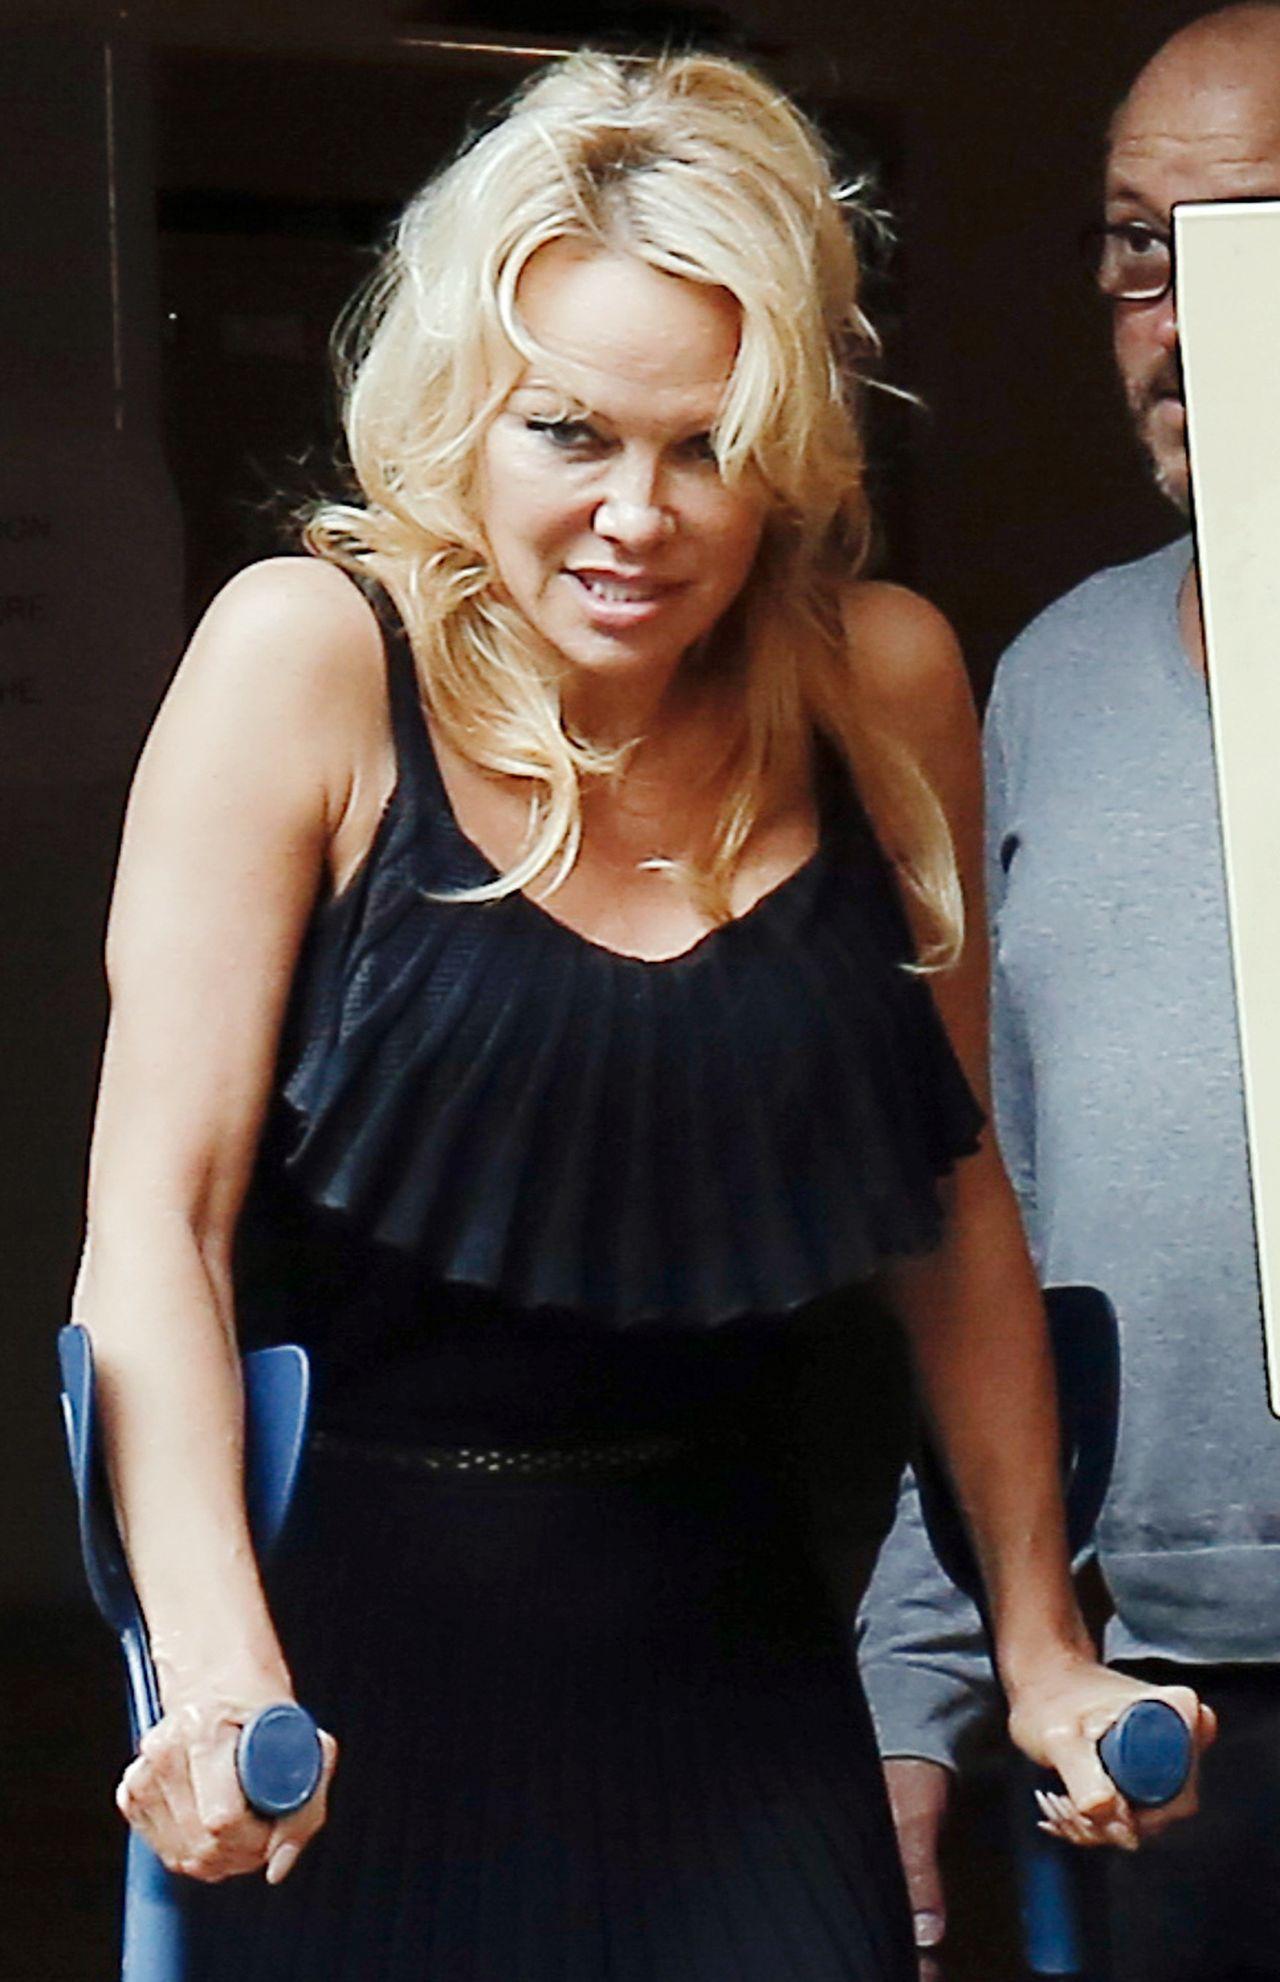 Obolała Pamela Anderson wychodzi od lekarza o kulach (ZDJĘCIA)